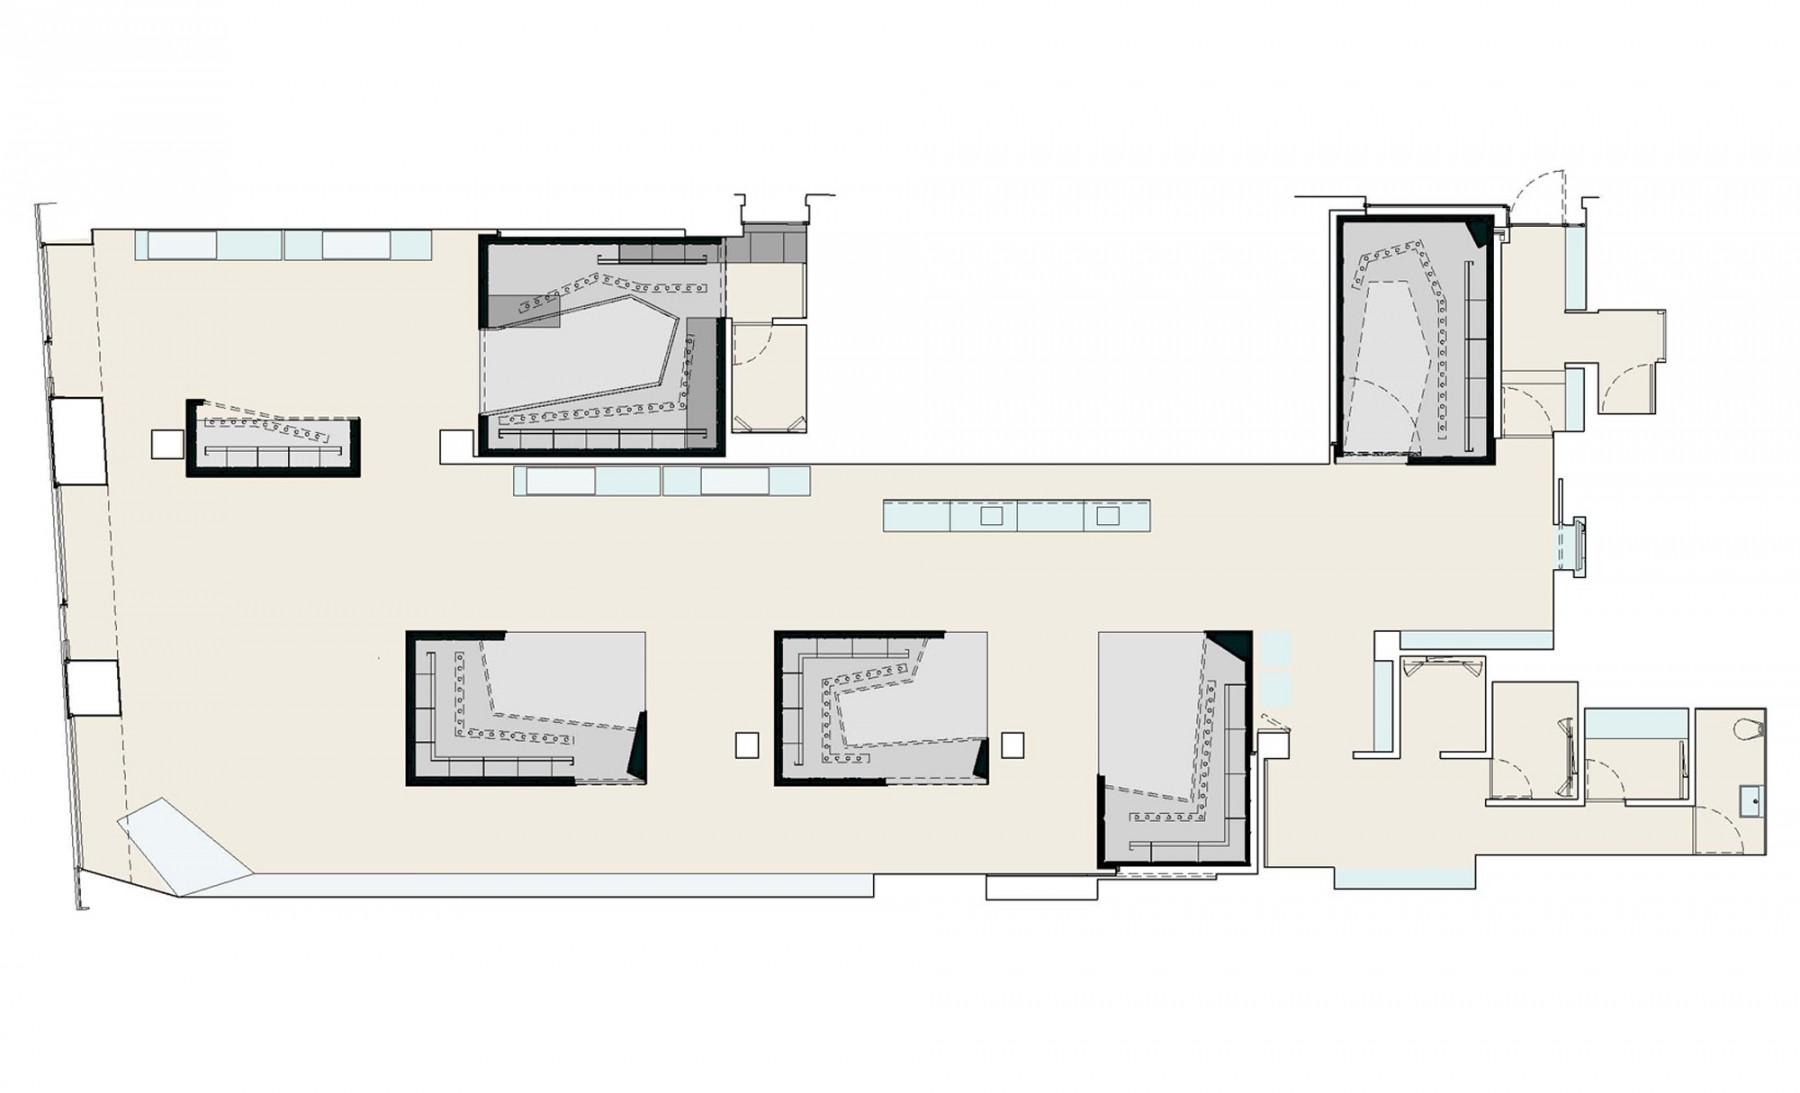 Givenchy-Paris-boutique-designer-fashion-retail-Jamie-Fobert-Architects-plan2